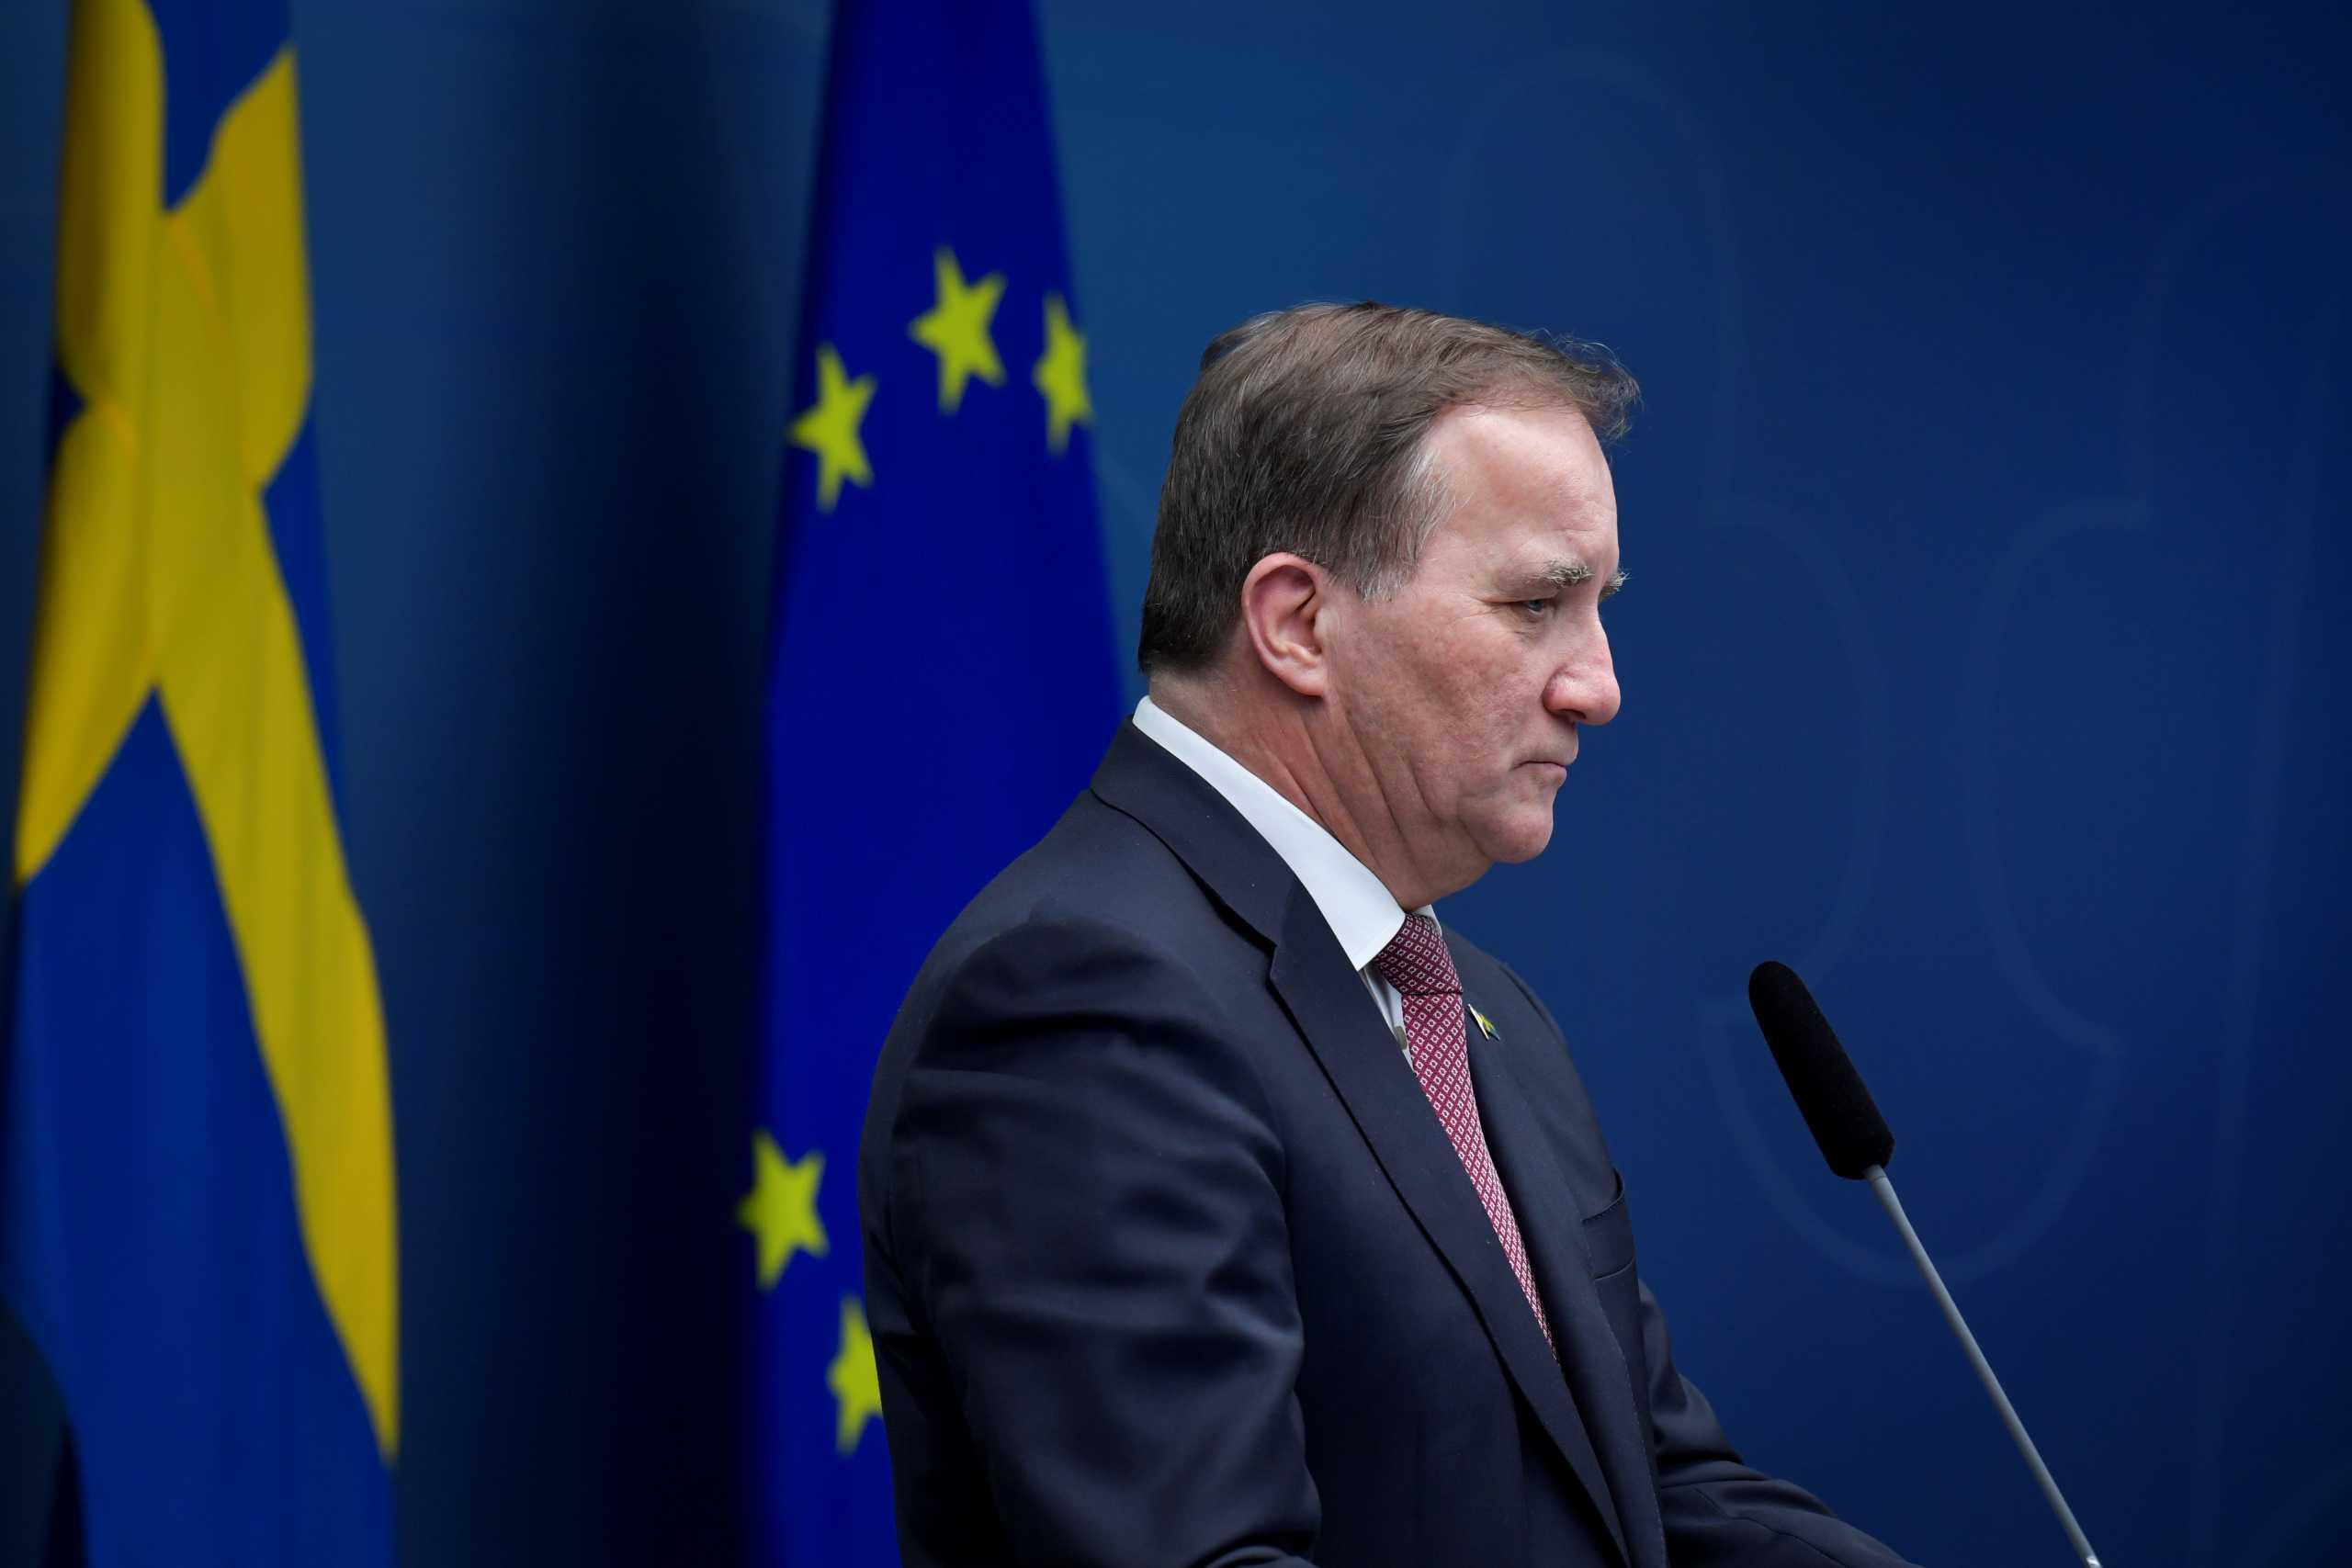 Σουηδία: Για πρώτη φορά συνιστάται η χρήση μάσκας στα ΜΜΜ και κλείνουν υπηρεσίες